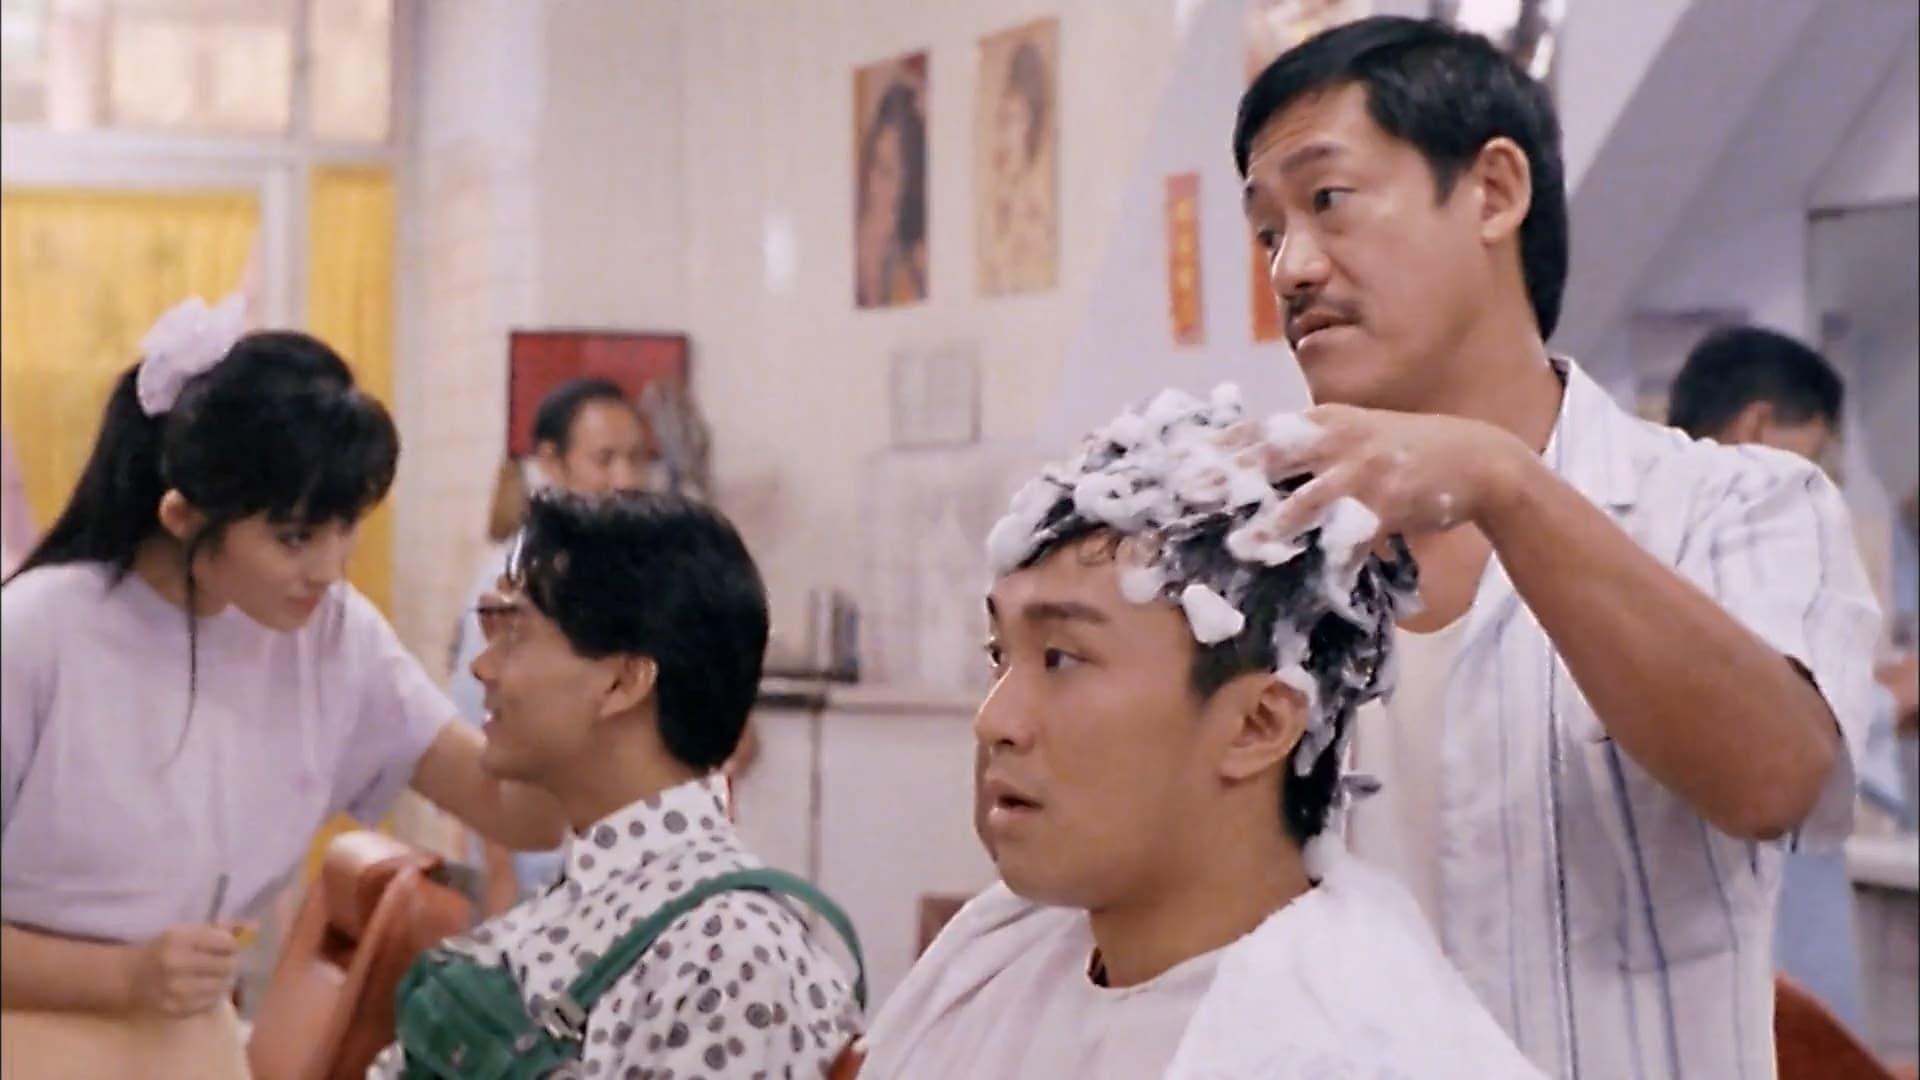 Tình Anh Thợ Cạo (1988) - Phim Hài Châu Tinh Trì [Thuyết Minh, Bản Đẹp] -  TinhTinhTV.com